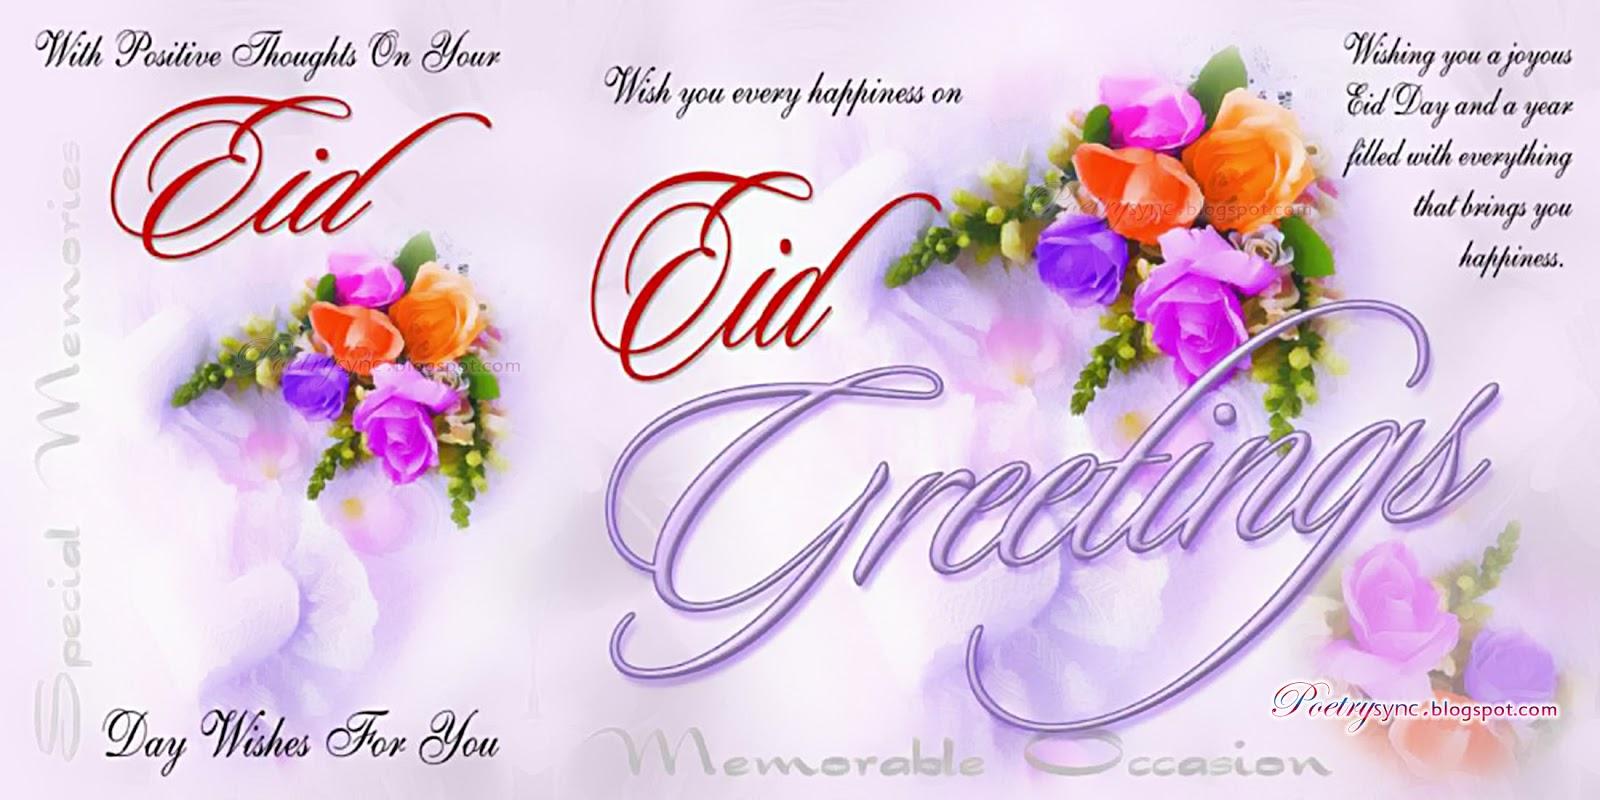 Eid al adha 2017 eid mubarak 2017 greetings images with best wishes happy eid mubarak randam mubarak greetings images with best wishes kristyandbryce Gallery